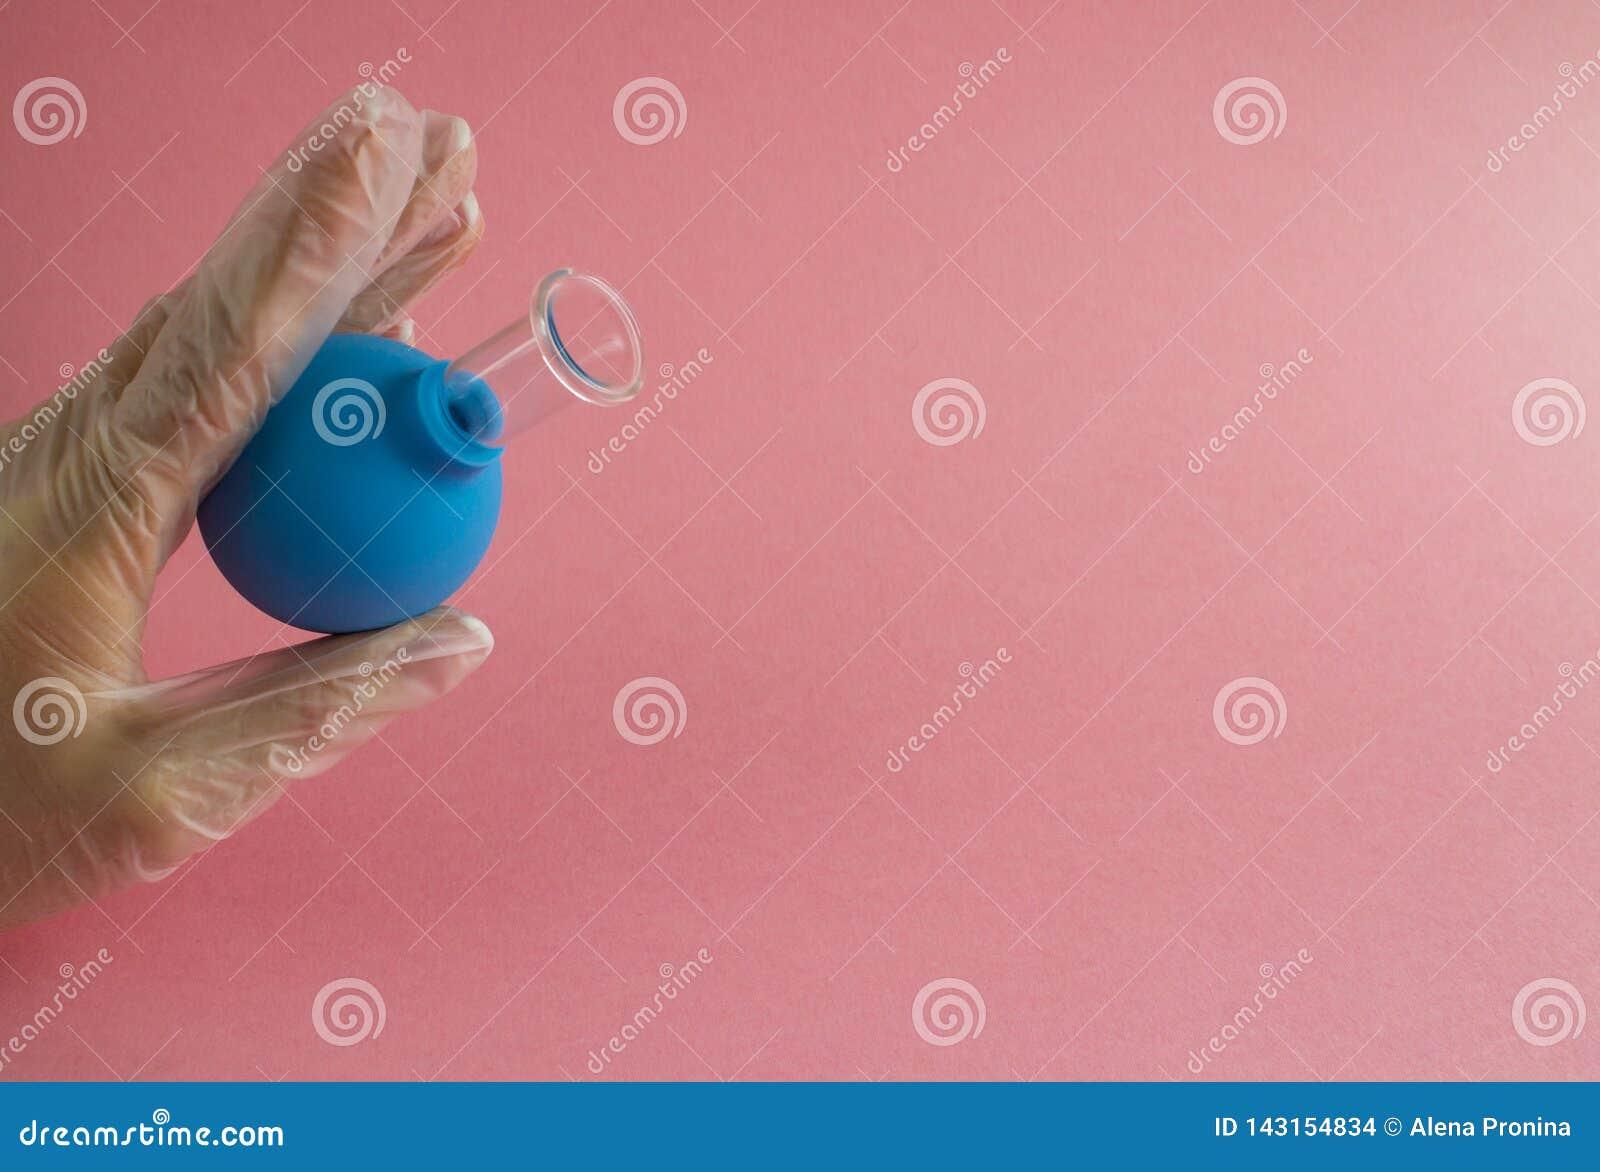 Weibliche Hand mit französischer Maniküre im Medizinhandschuh hält blaues kosmetisches medizinisches Glas für Vakuumgesichtsmassa